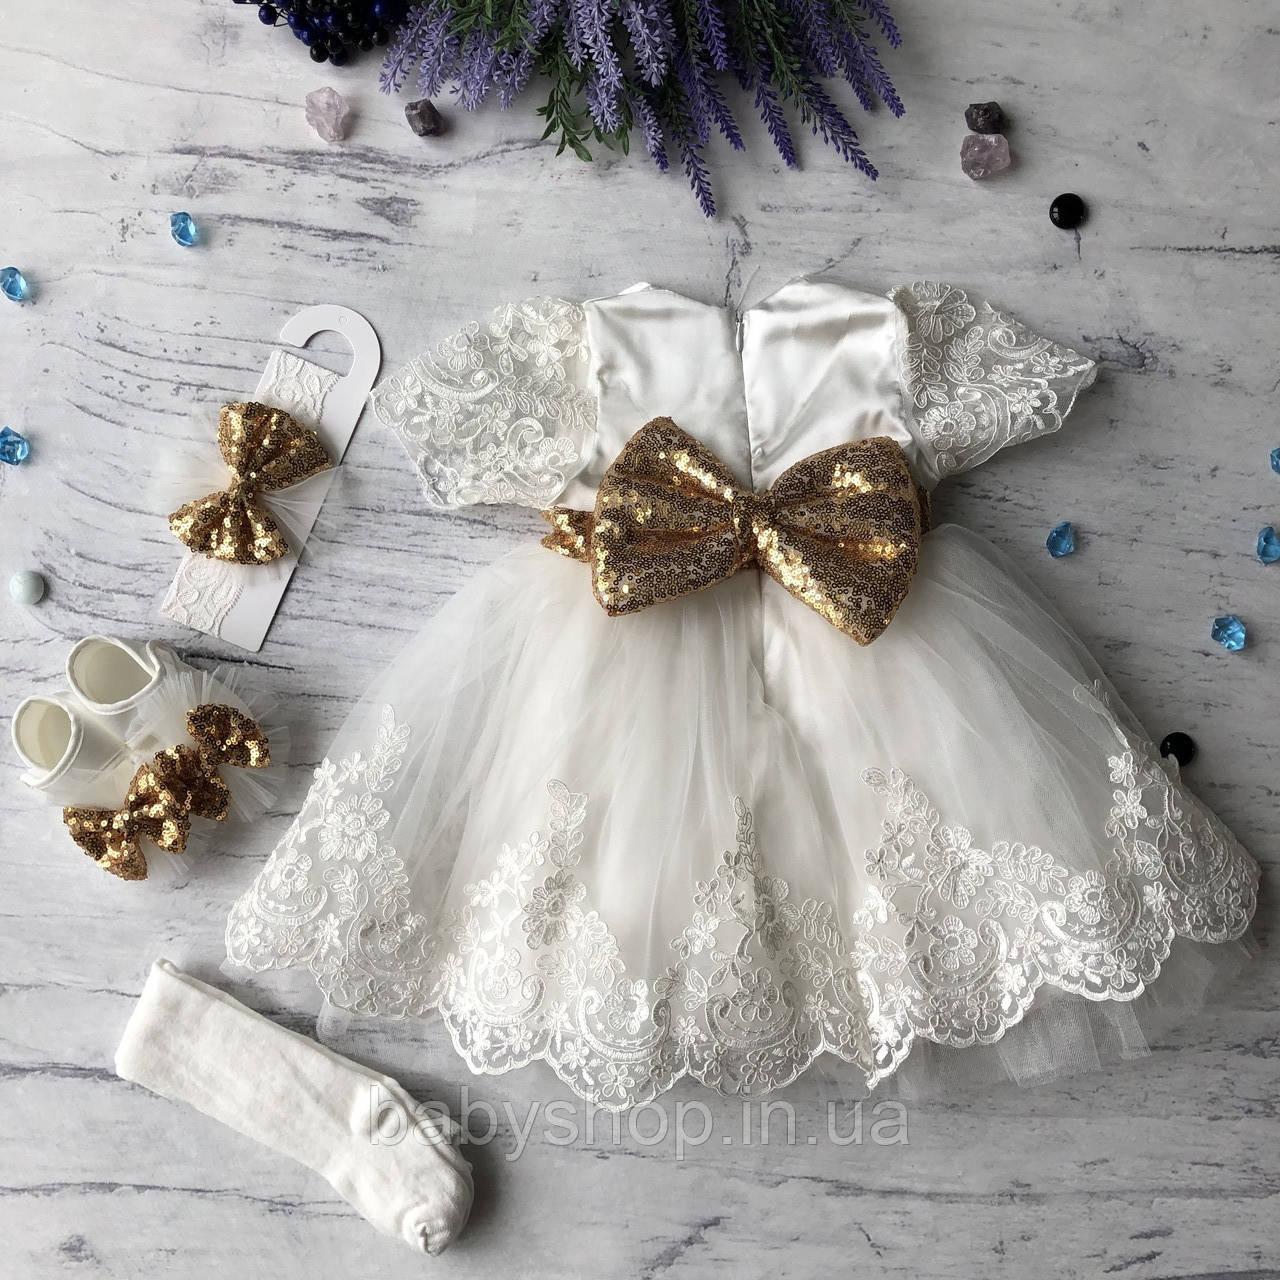 Нарядный набор,  платье на девочку, крестильное платье на девочку 4. Размеры 62 см, 68 см